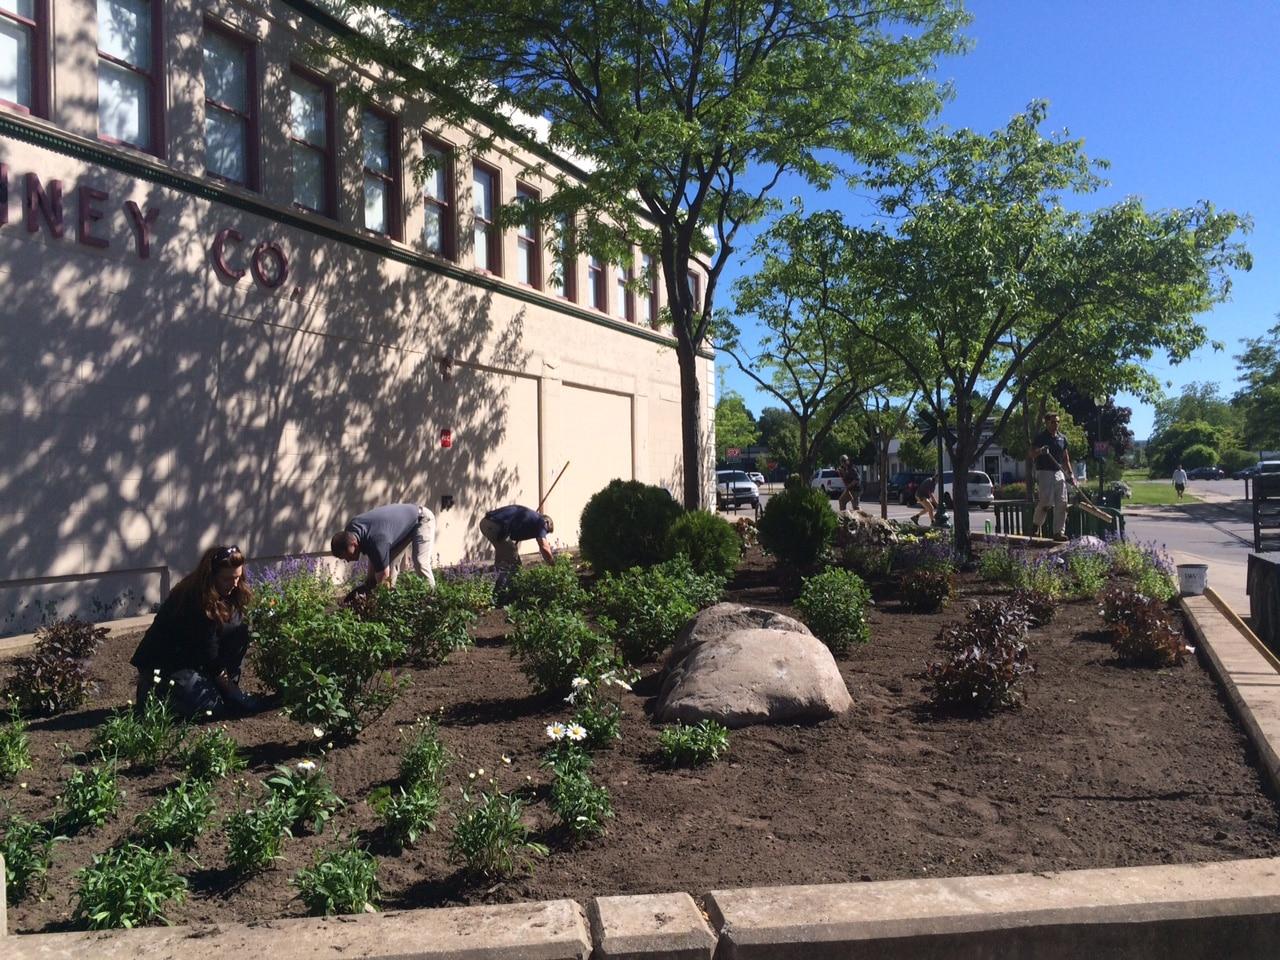 JC Penny Landscape installation